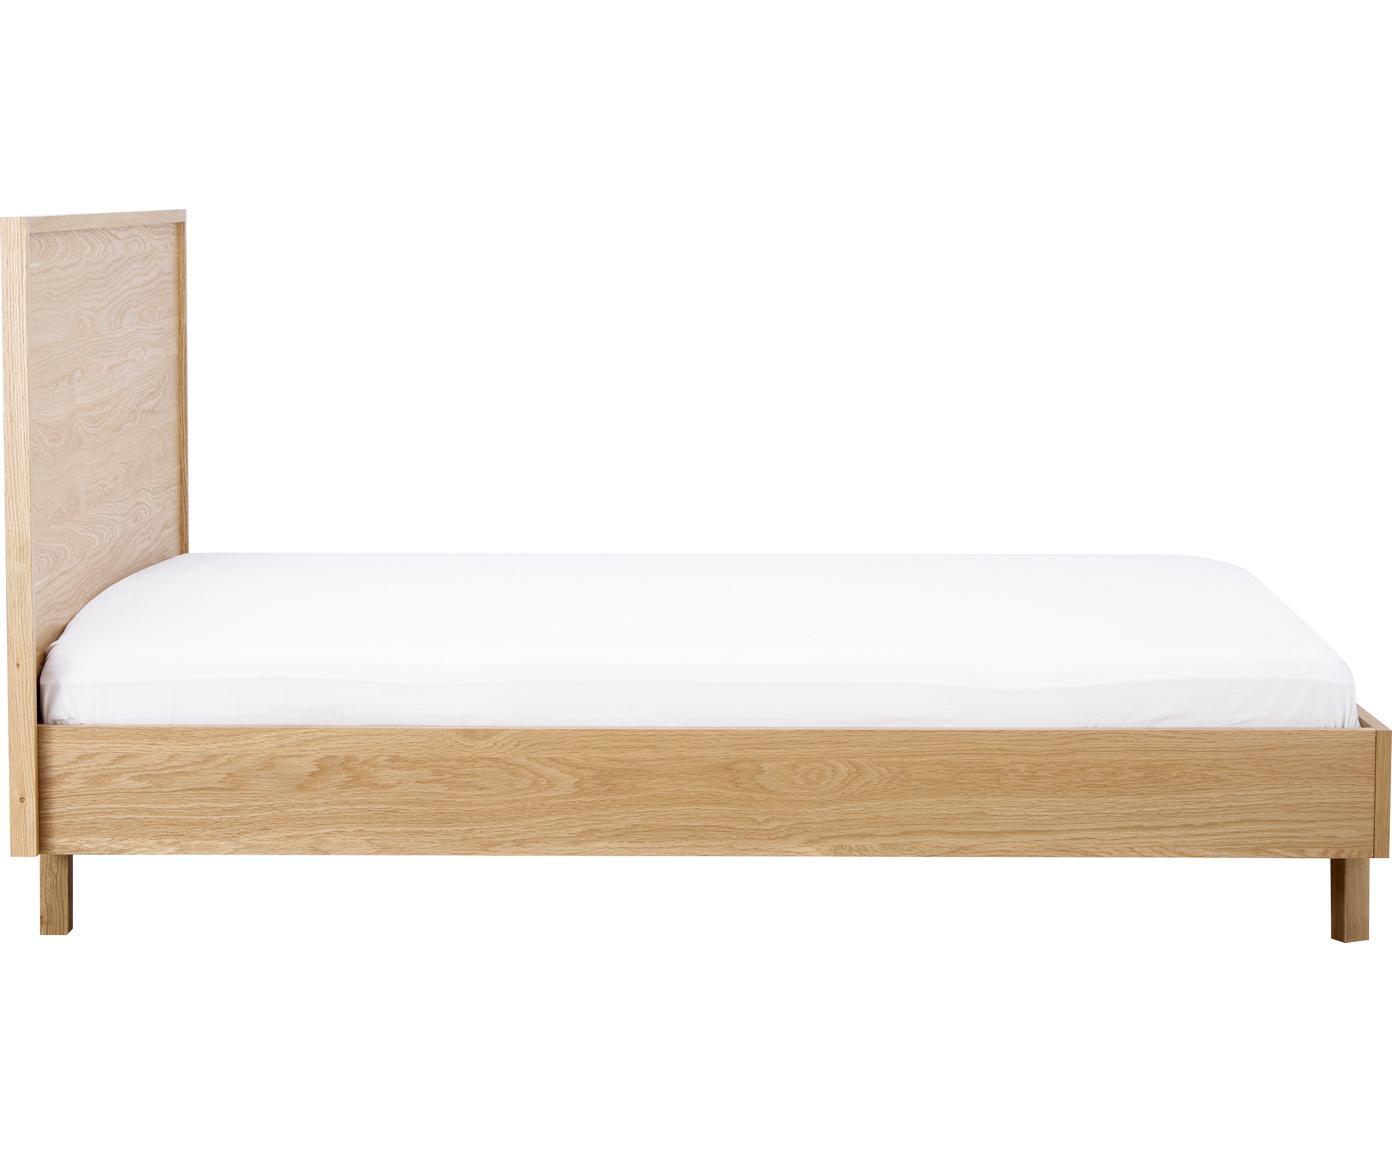 Houten bed Tammy met hoofdeinde, Frame: MDF met eikenhoutfineer, , Poten: massief eikenhout, Eikenhoutkleurig, 180 x 200 cm